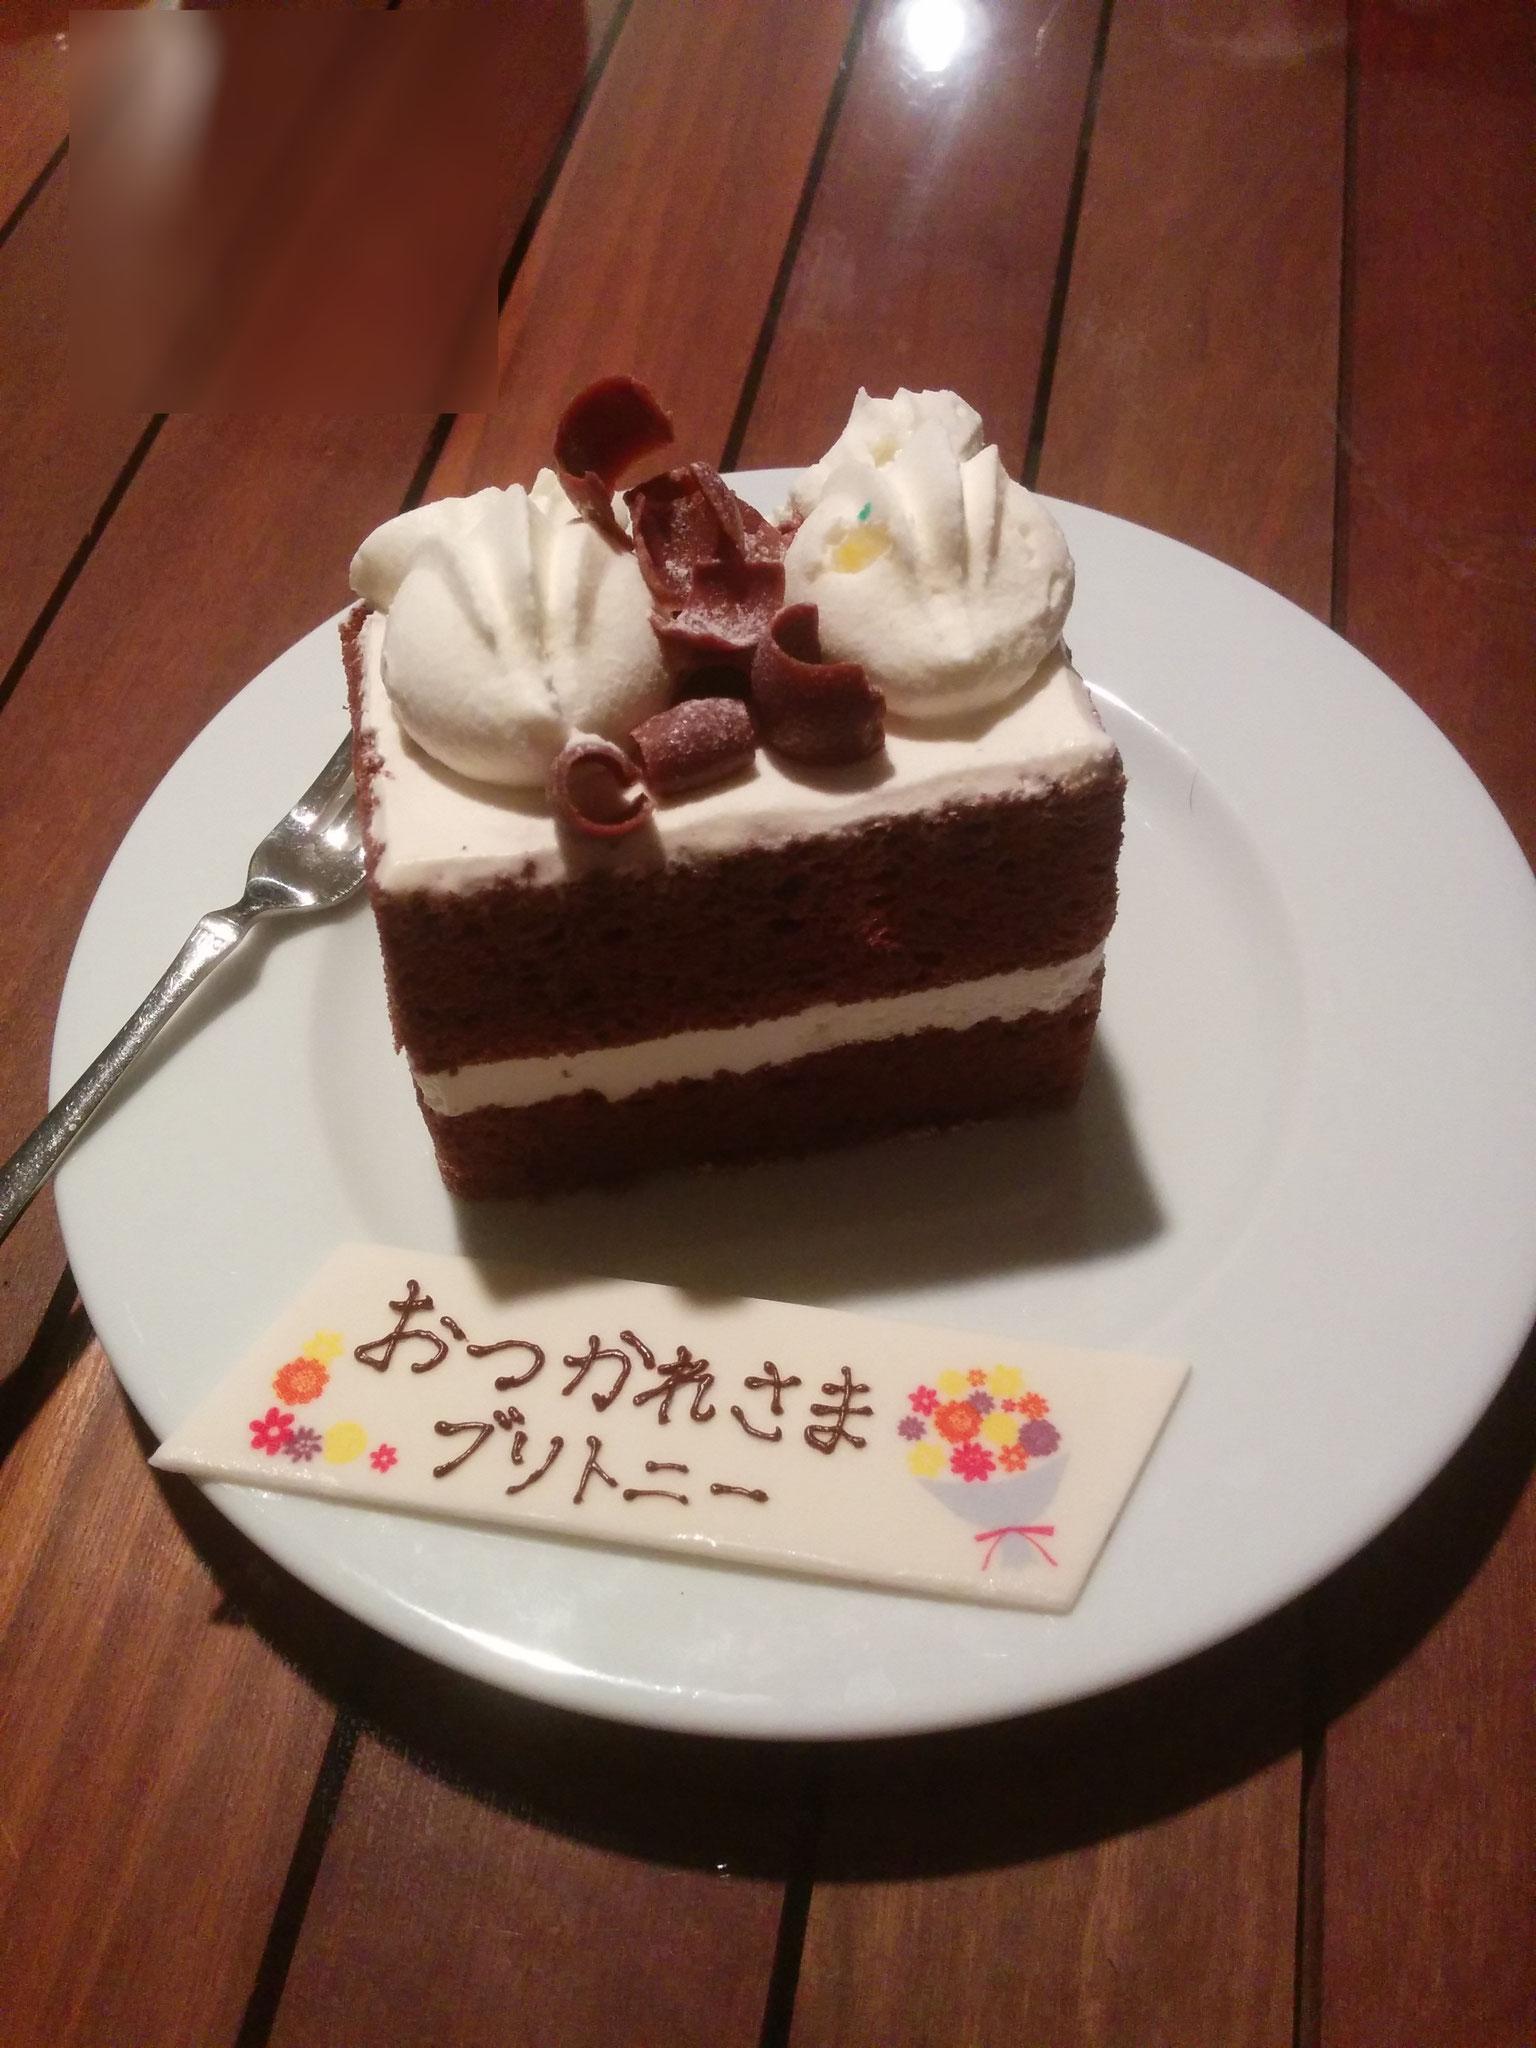 """A """"Good job!"""" Cake from my hostfam :3"""